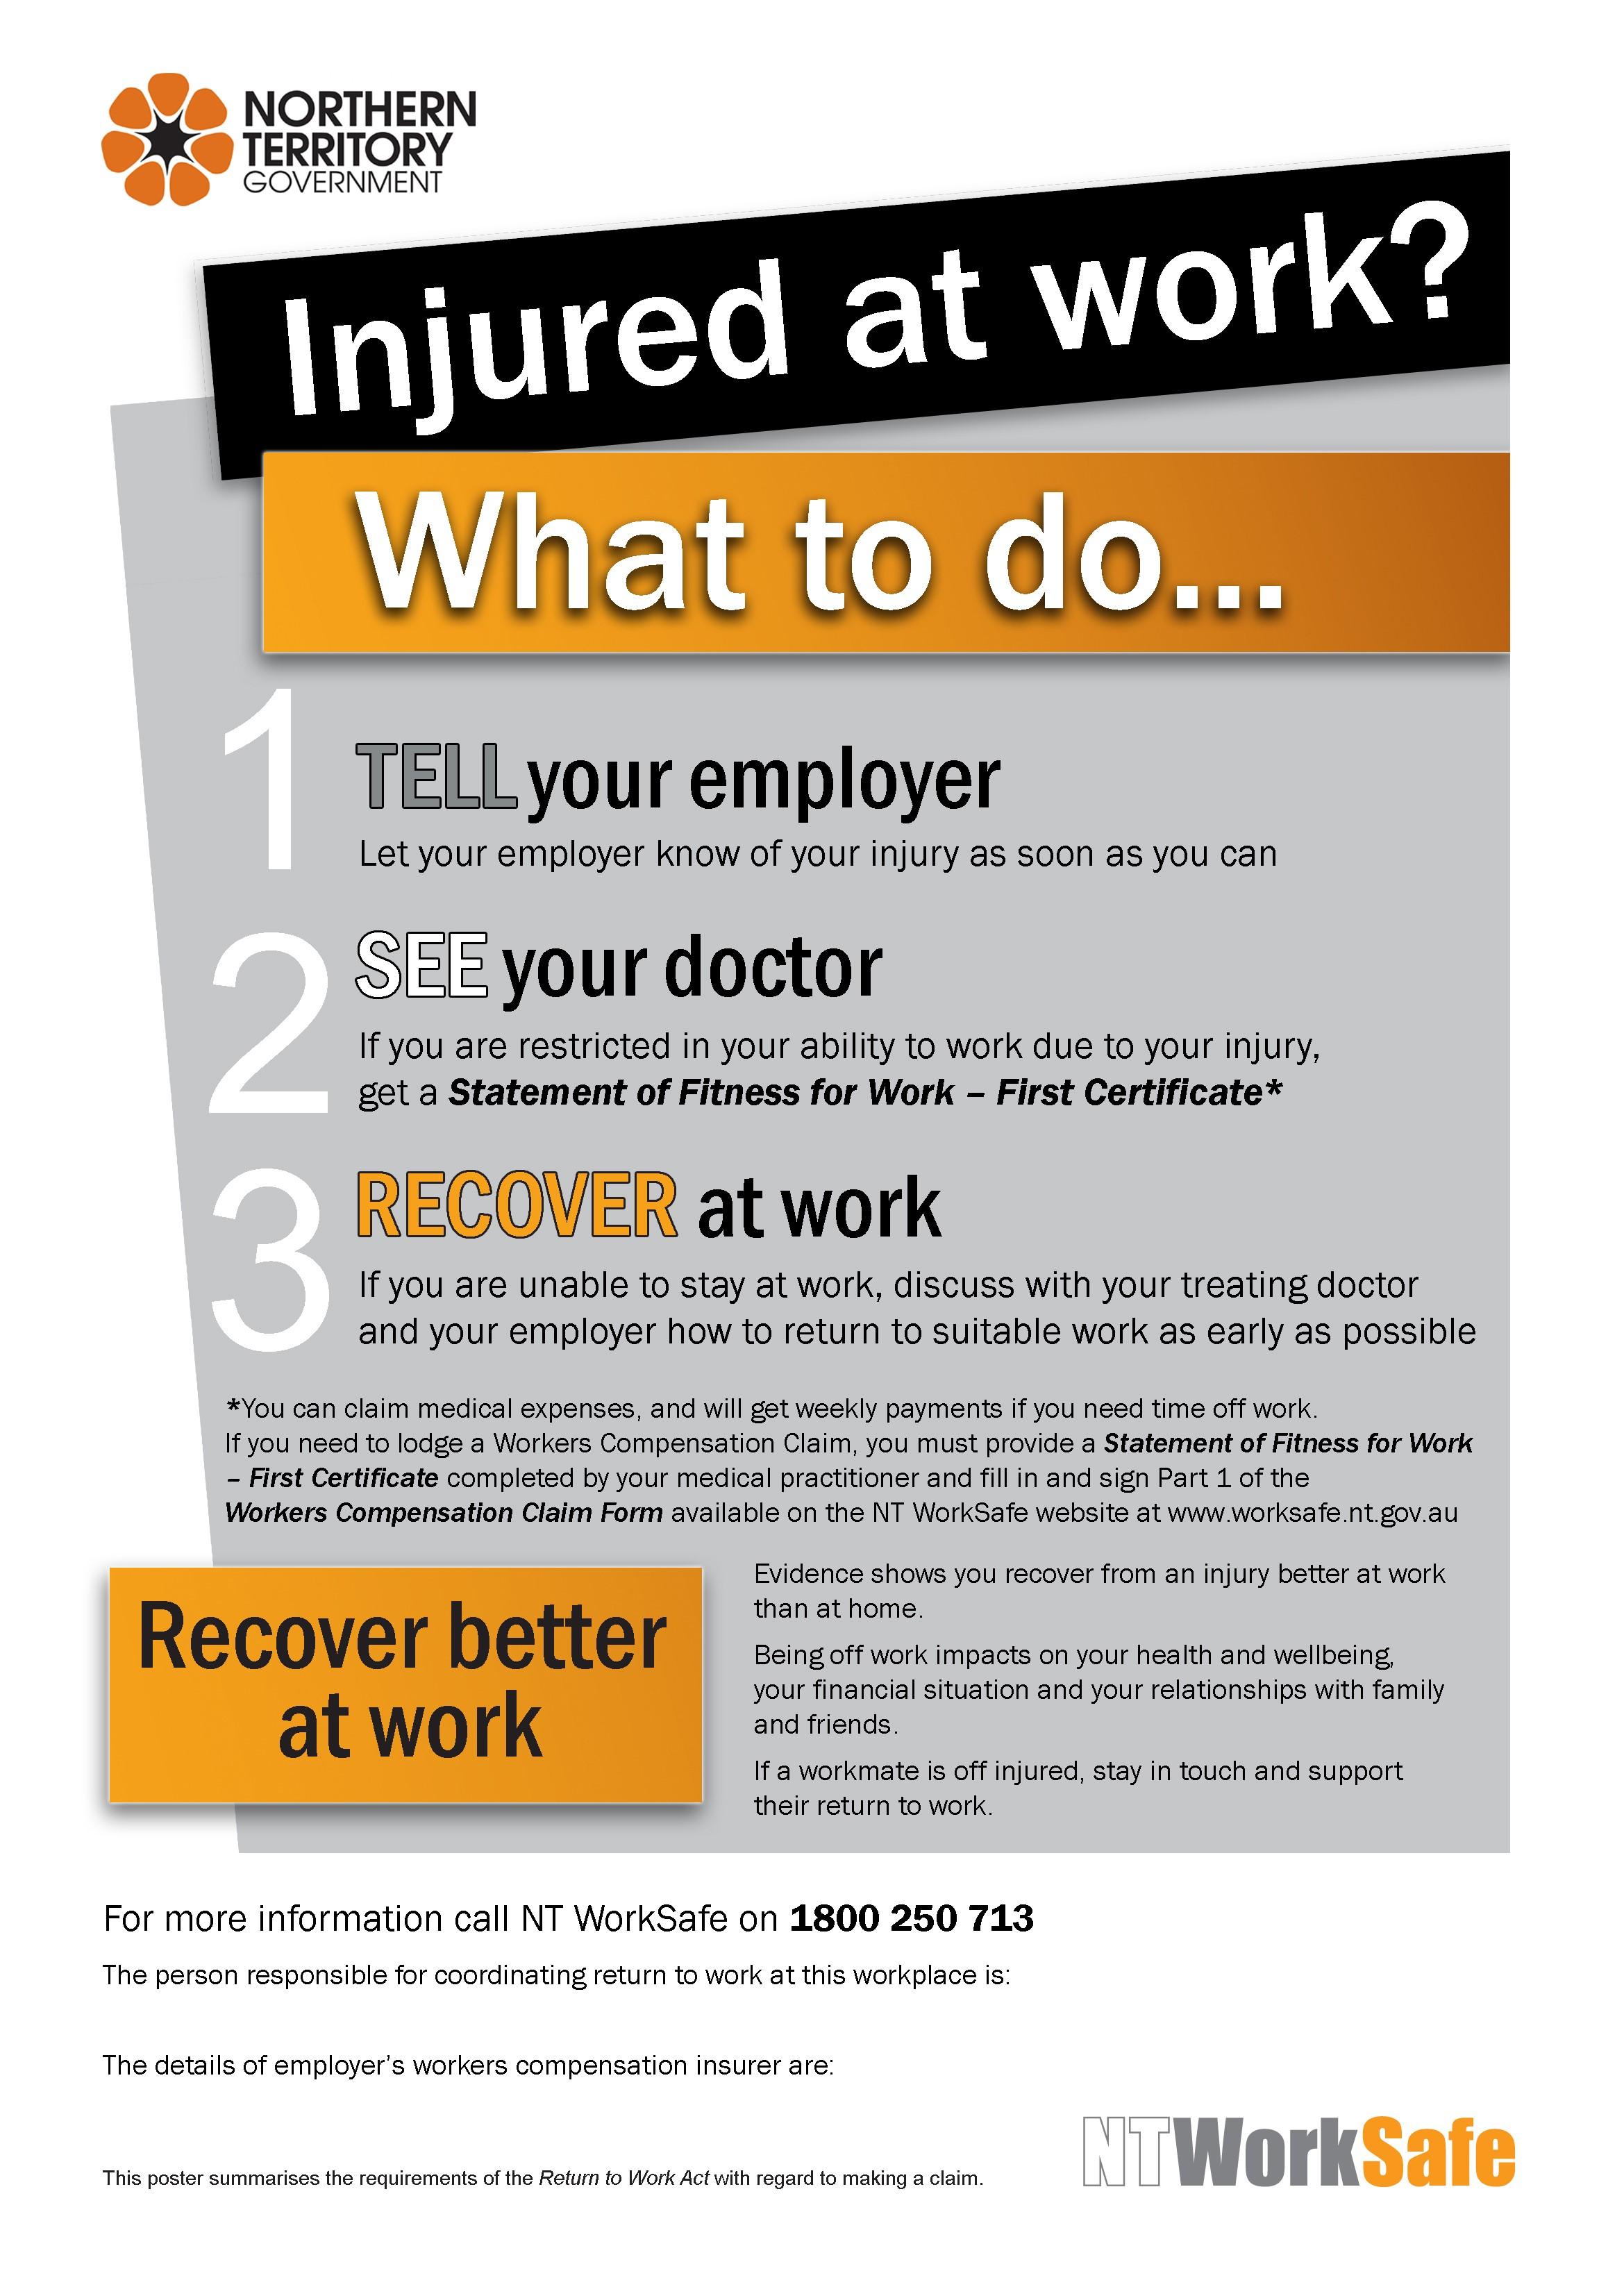 injured at work poster